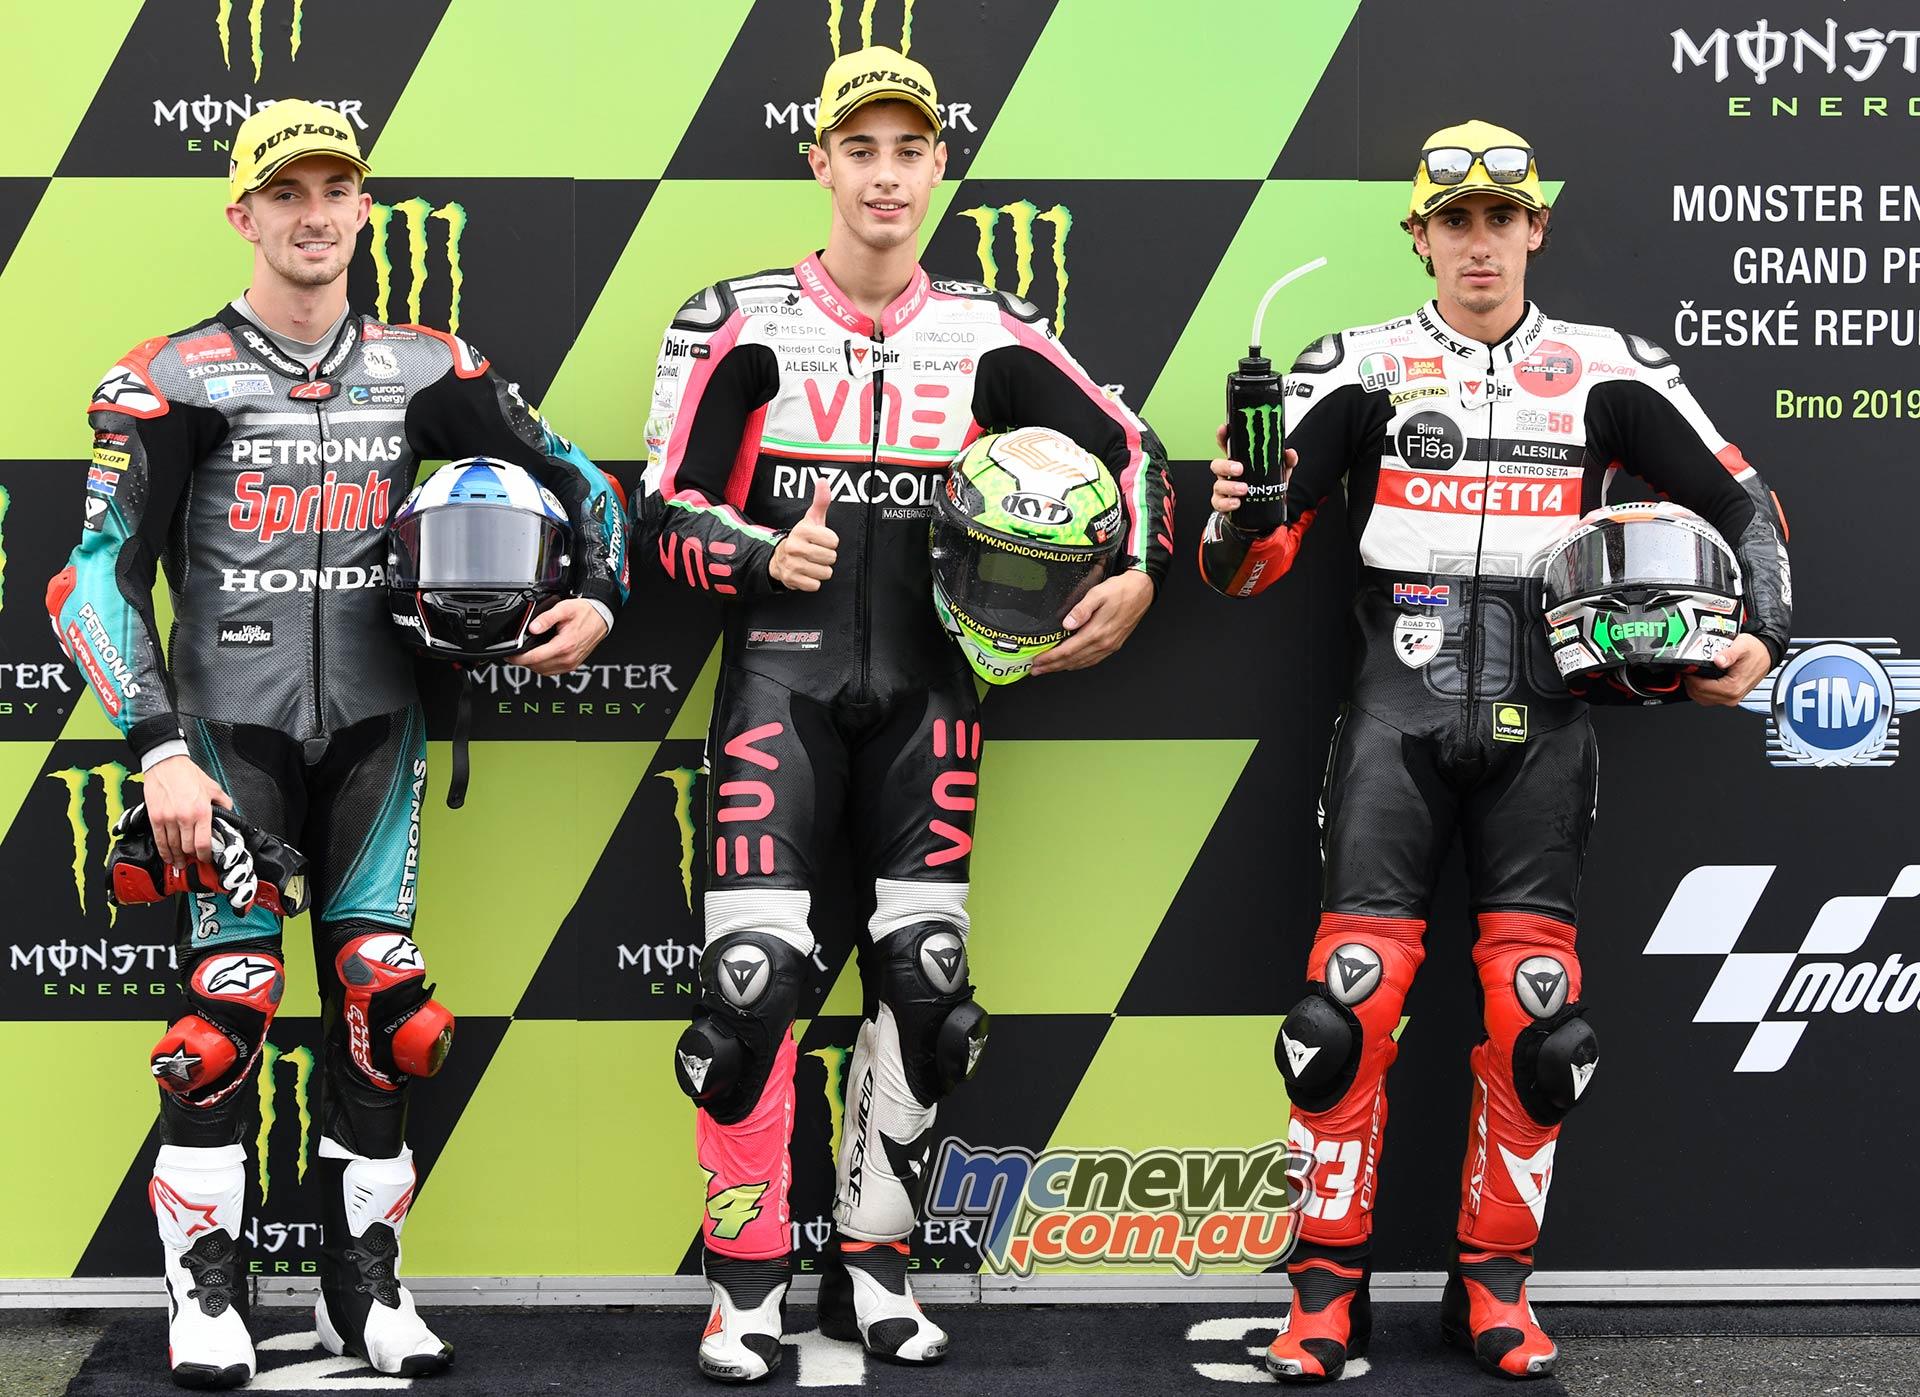 MotoGP Brno QP Moto QP Arbolino McPhee Antonelli